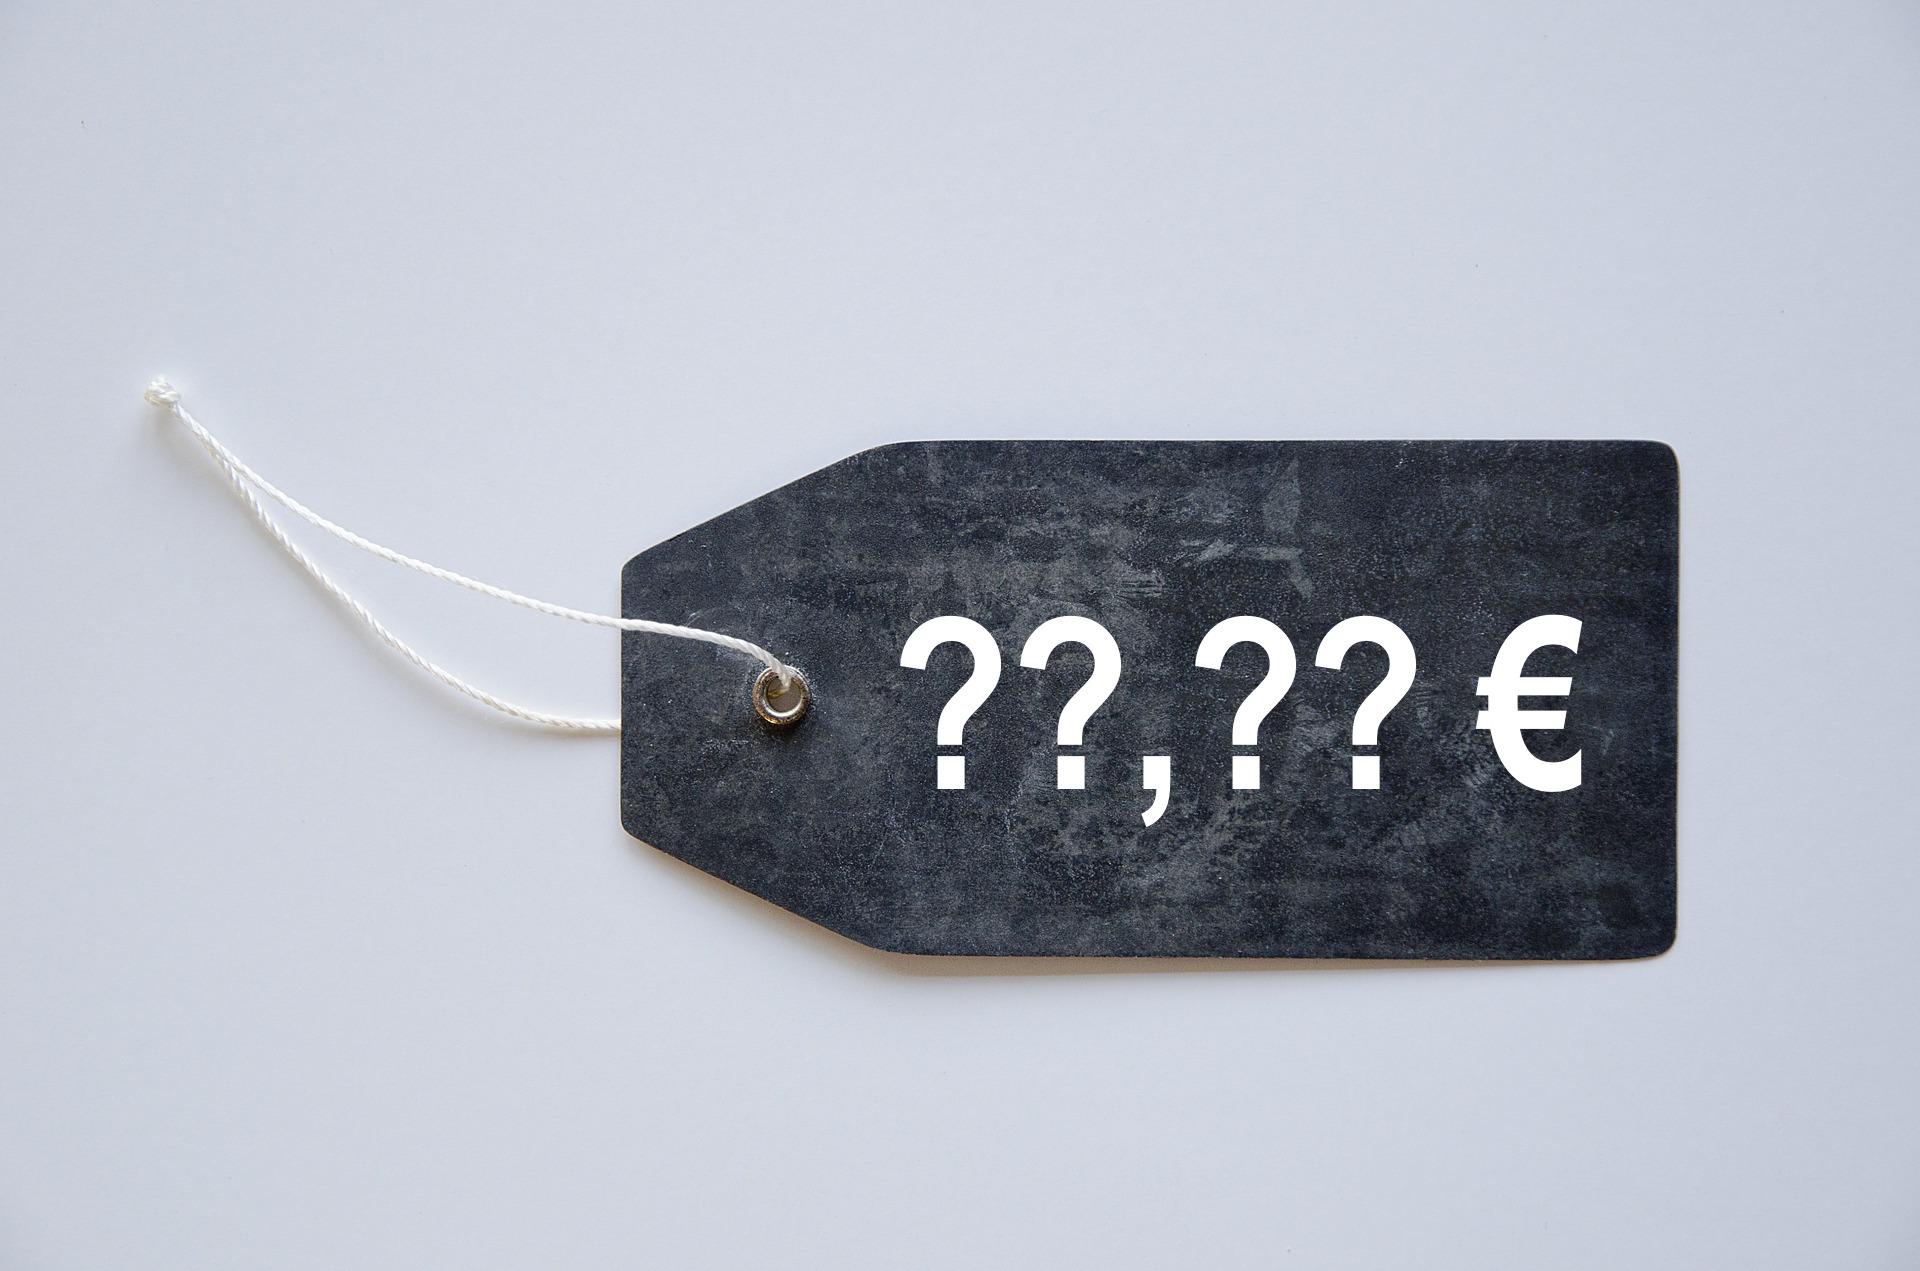 Preisschild mit unbestimmten Preis